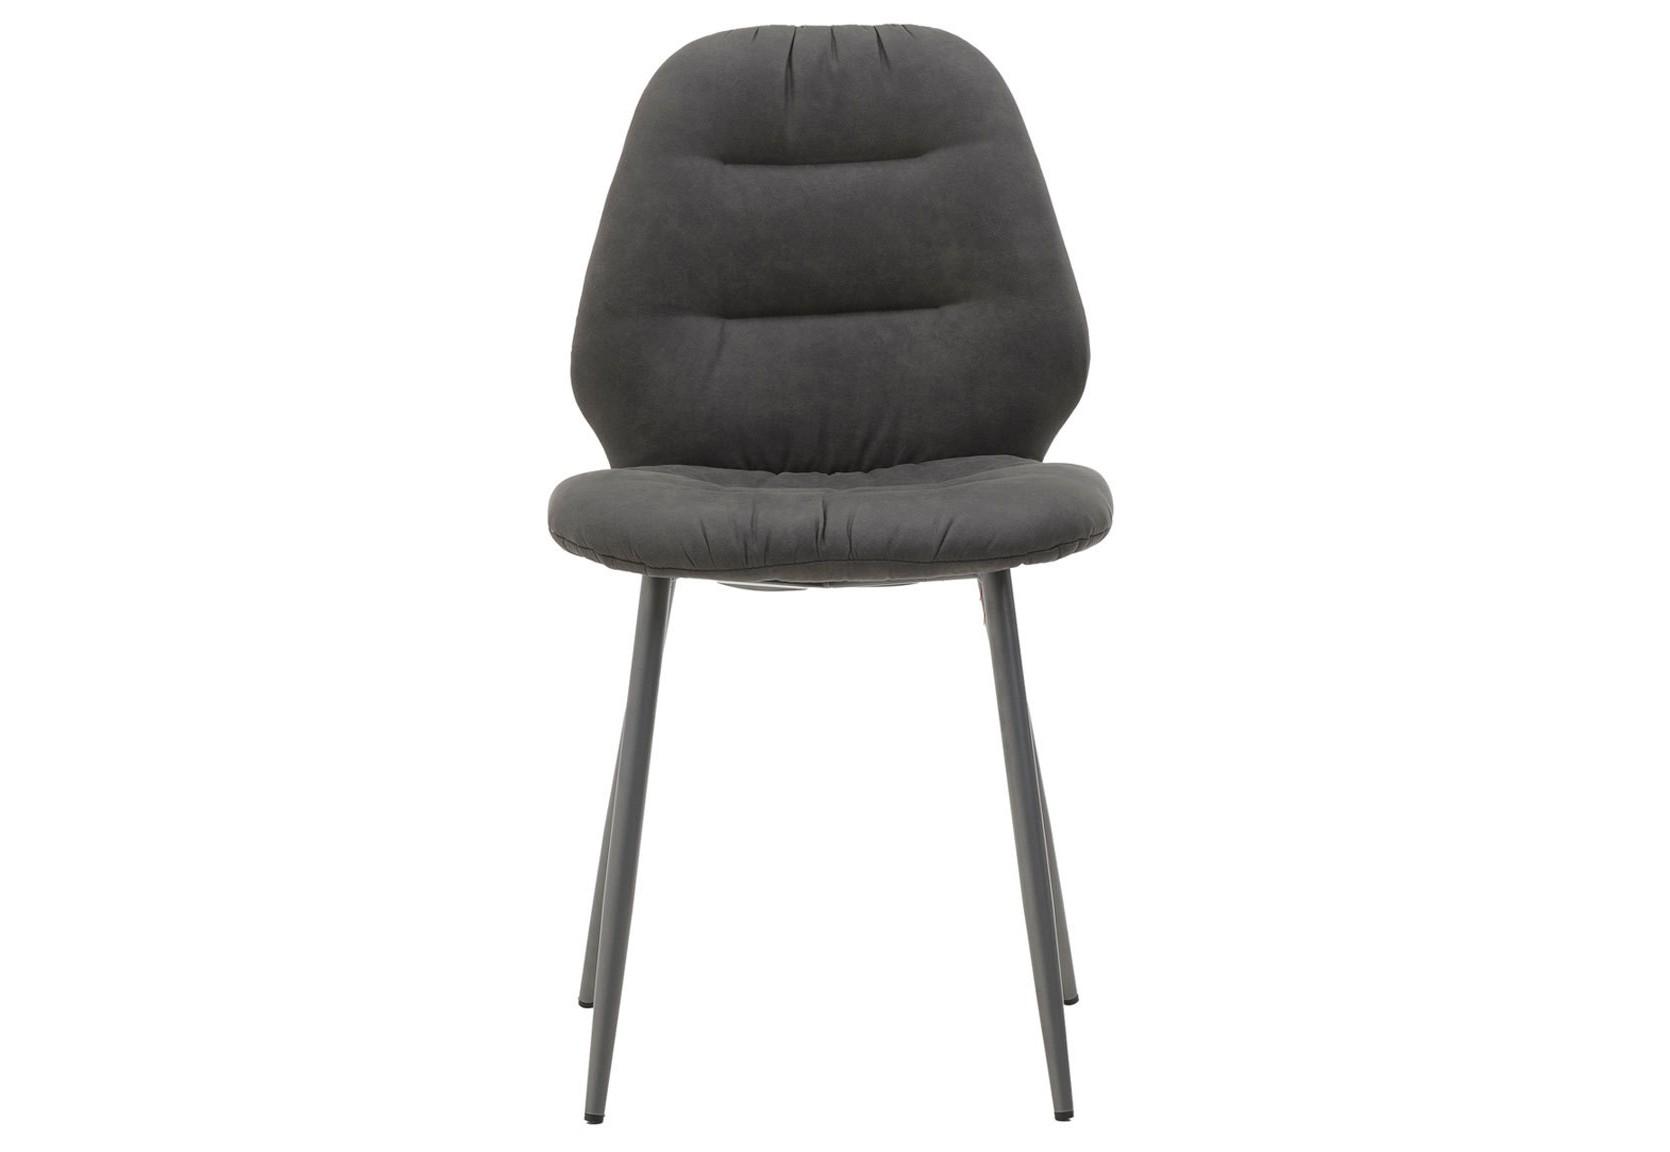 Стул IlariaОбеденные стулья<br><br><br>Material: Металл<br>Ширина см: 45.0<br>Высота см: 86.0<br>Глубина см: 53.0